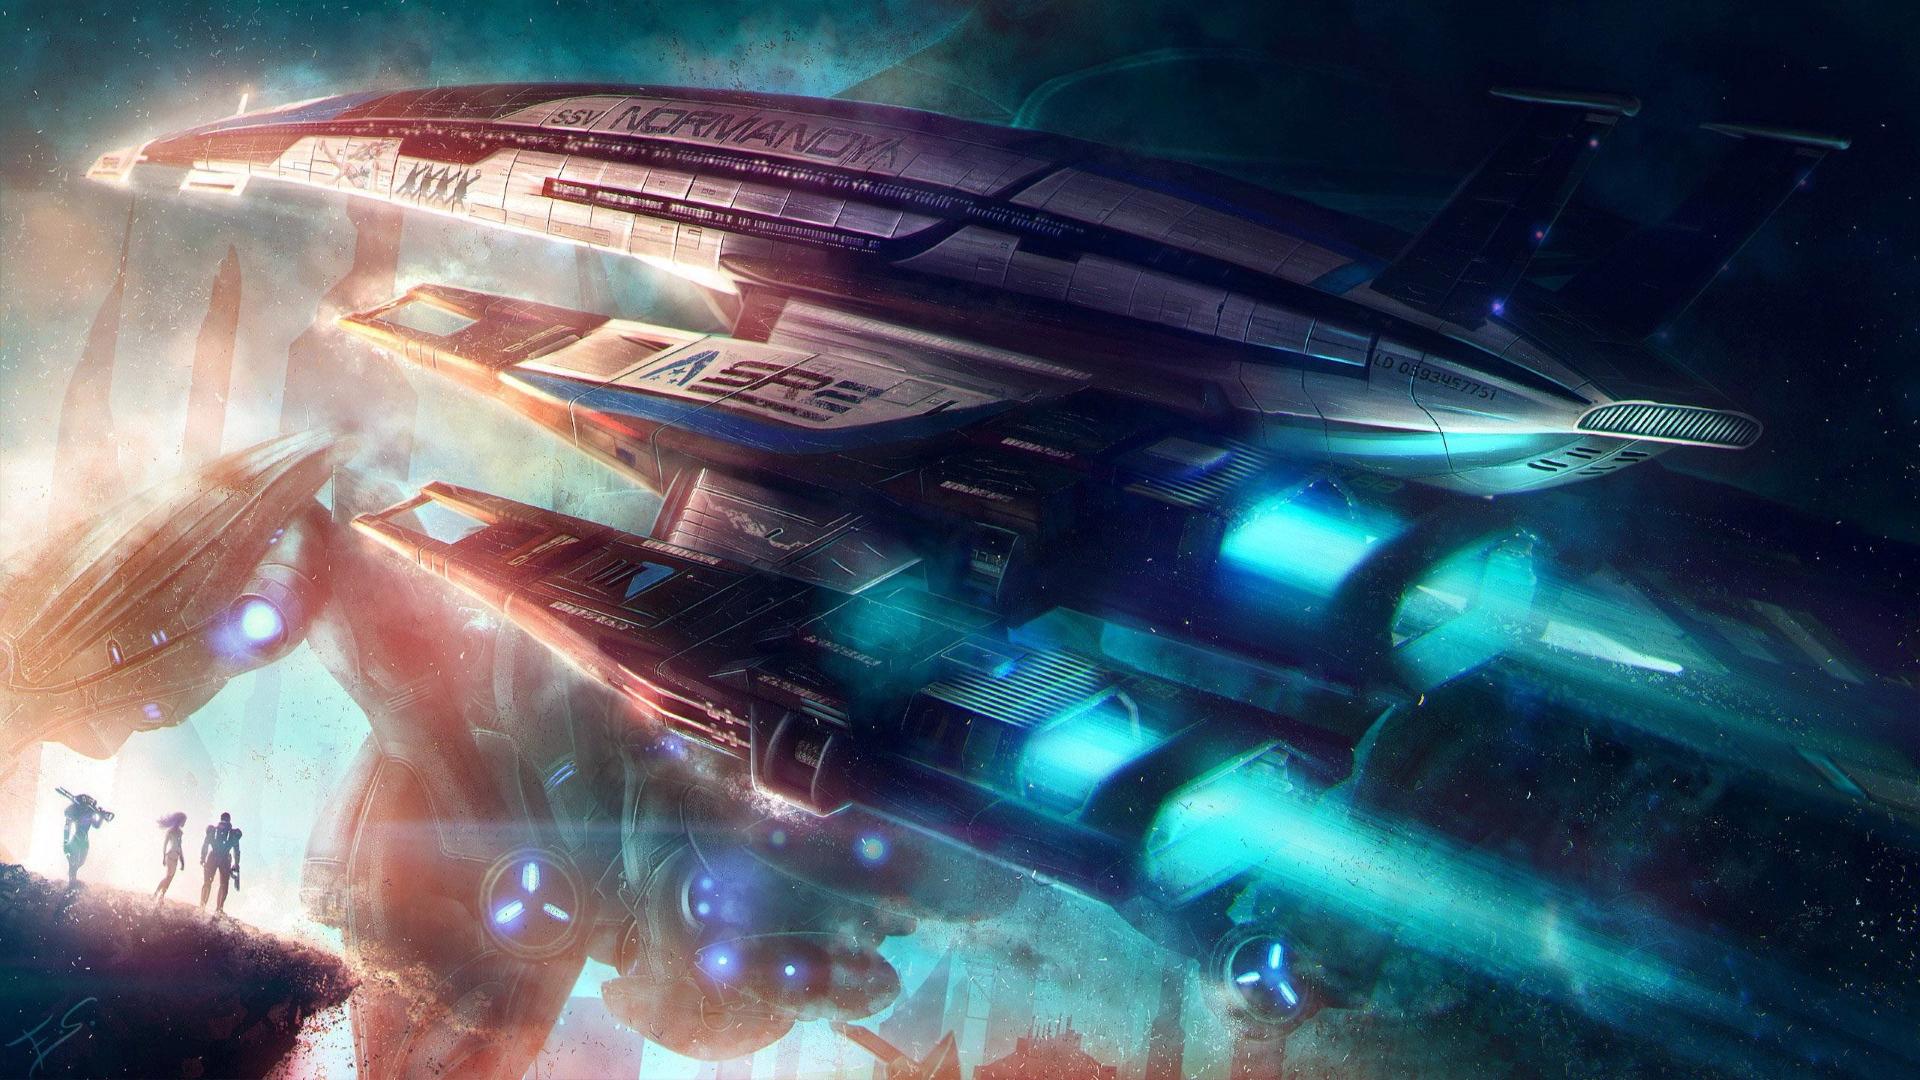 Mass-Effect-Normandy-1920x1080-wallpaper-wpc5807048